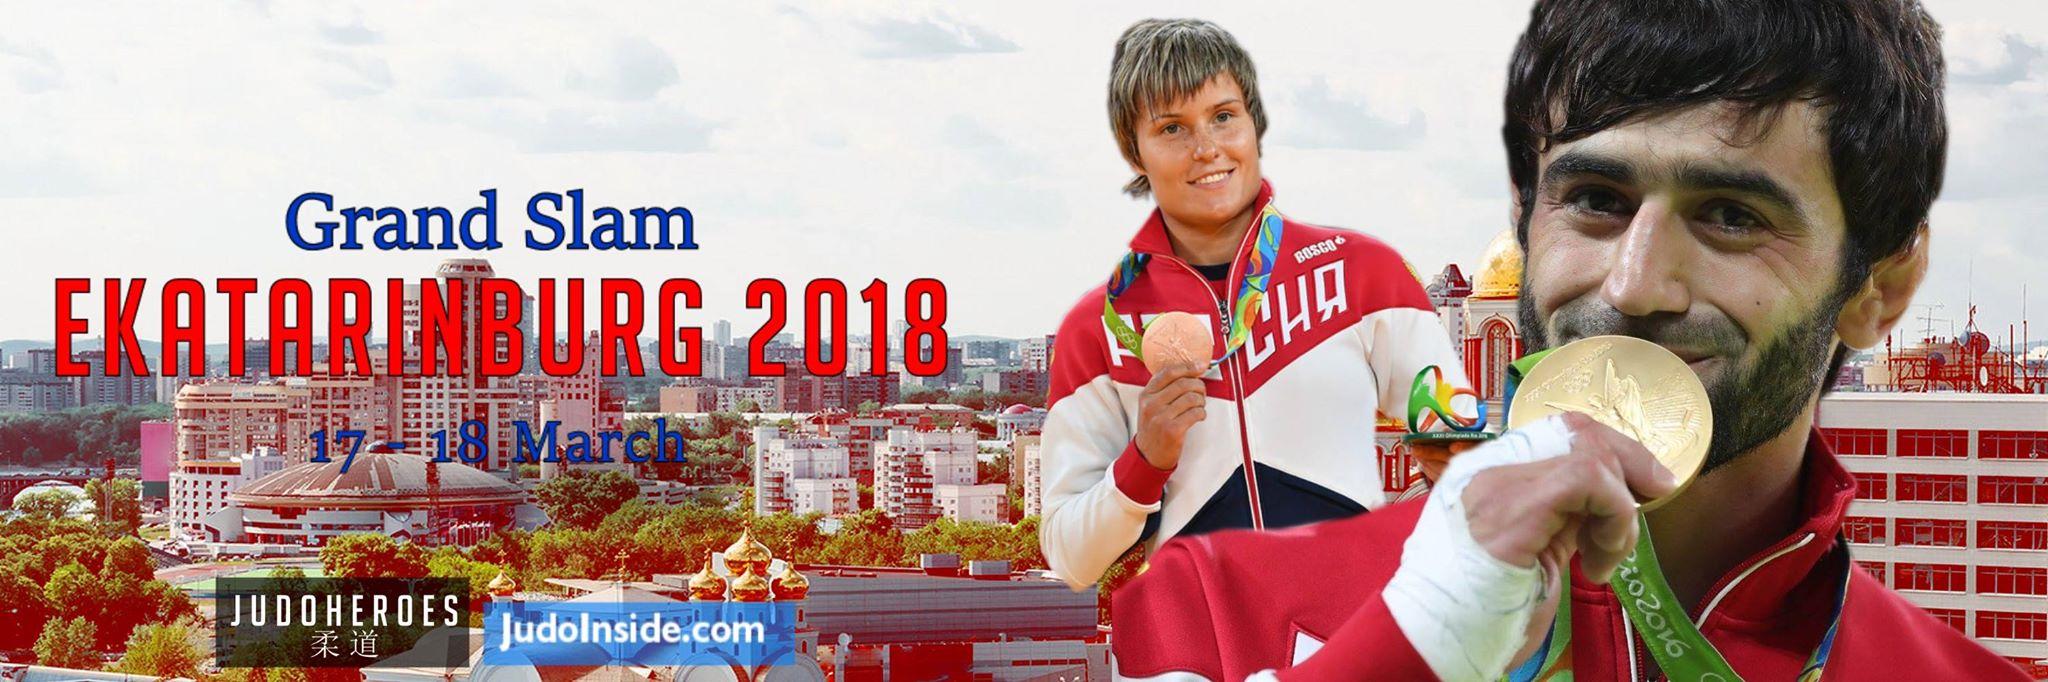 20181603_ekaterinburg_gs_jh_banner